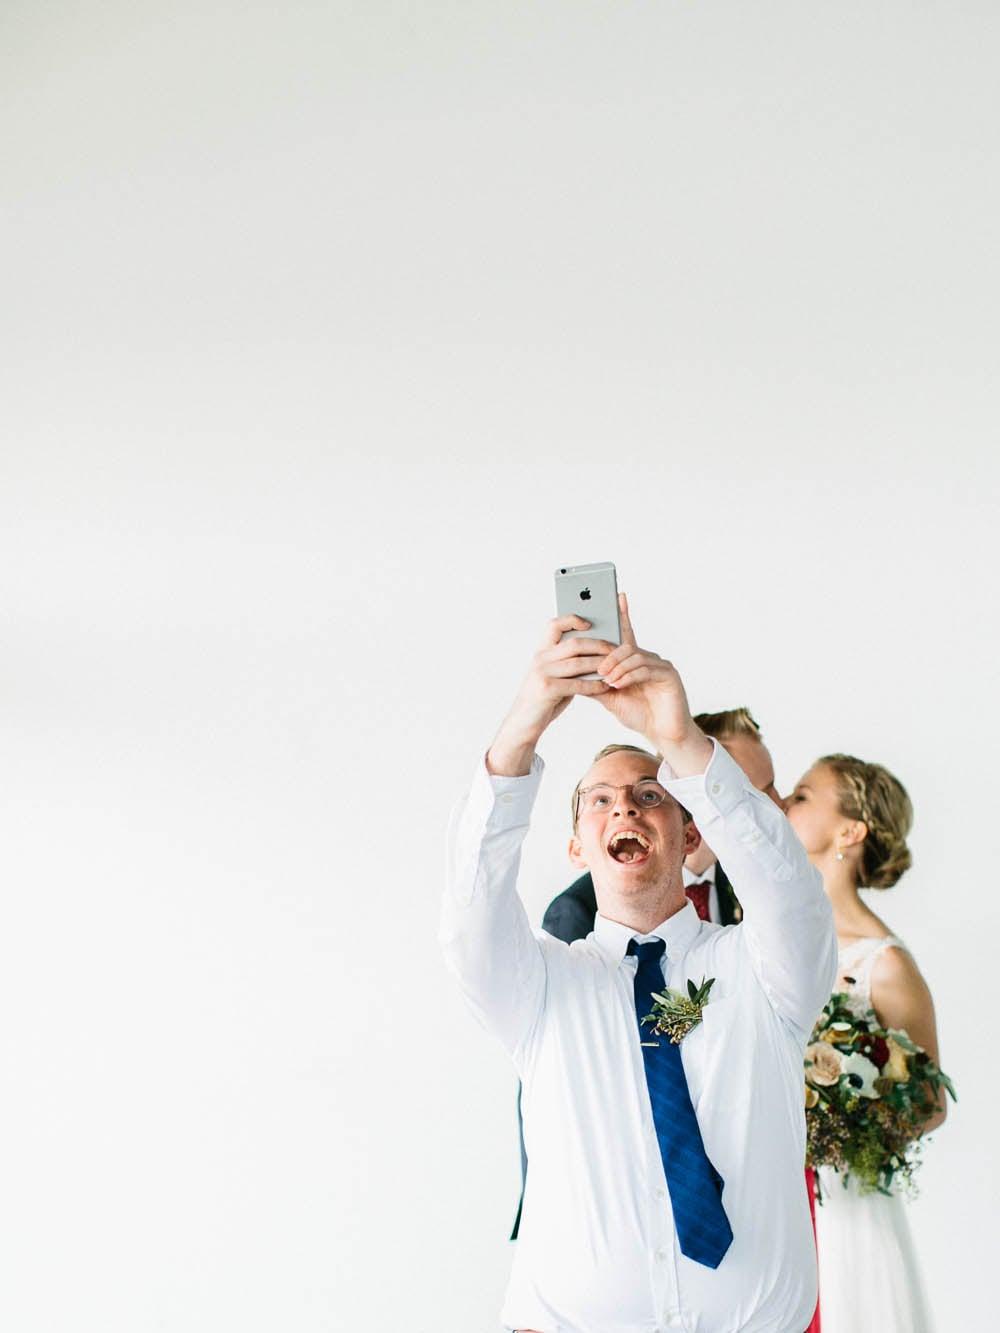 MariaLamb-Branden-Sammi-Wedding369.jpg